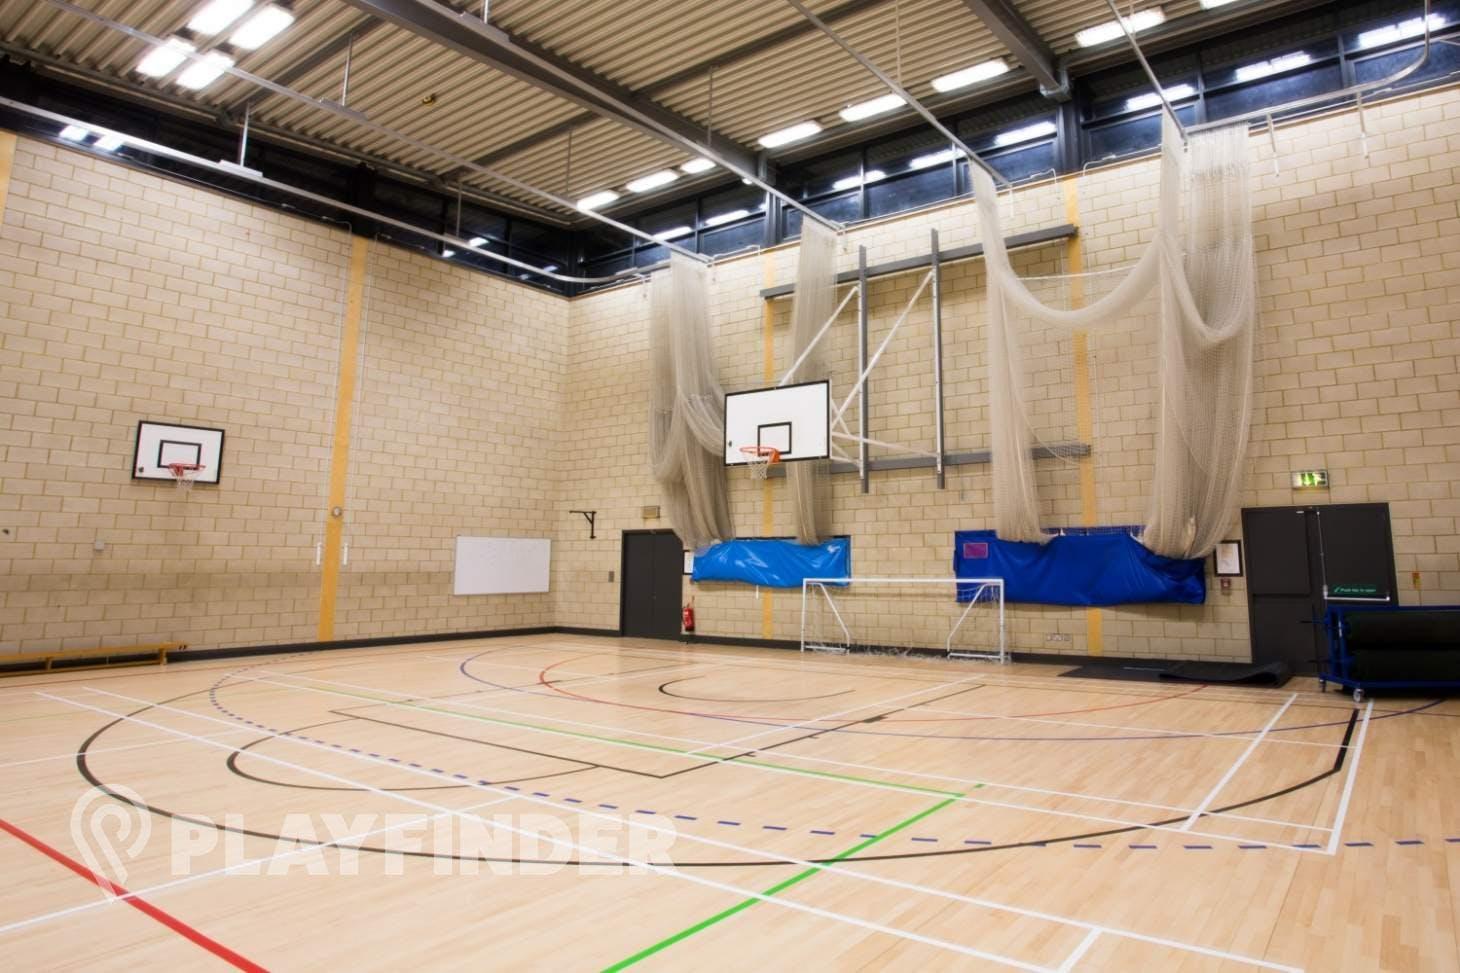 Brentside High School Indoor netball court